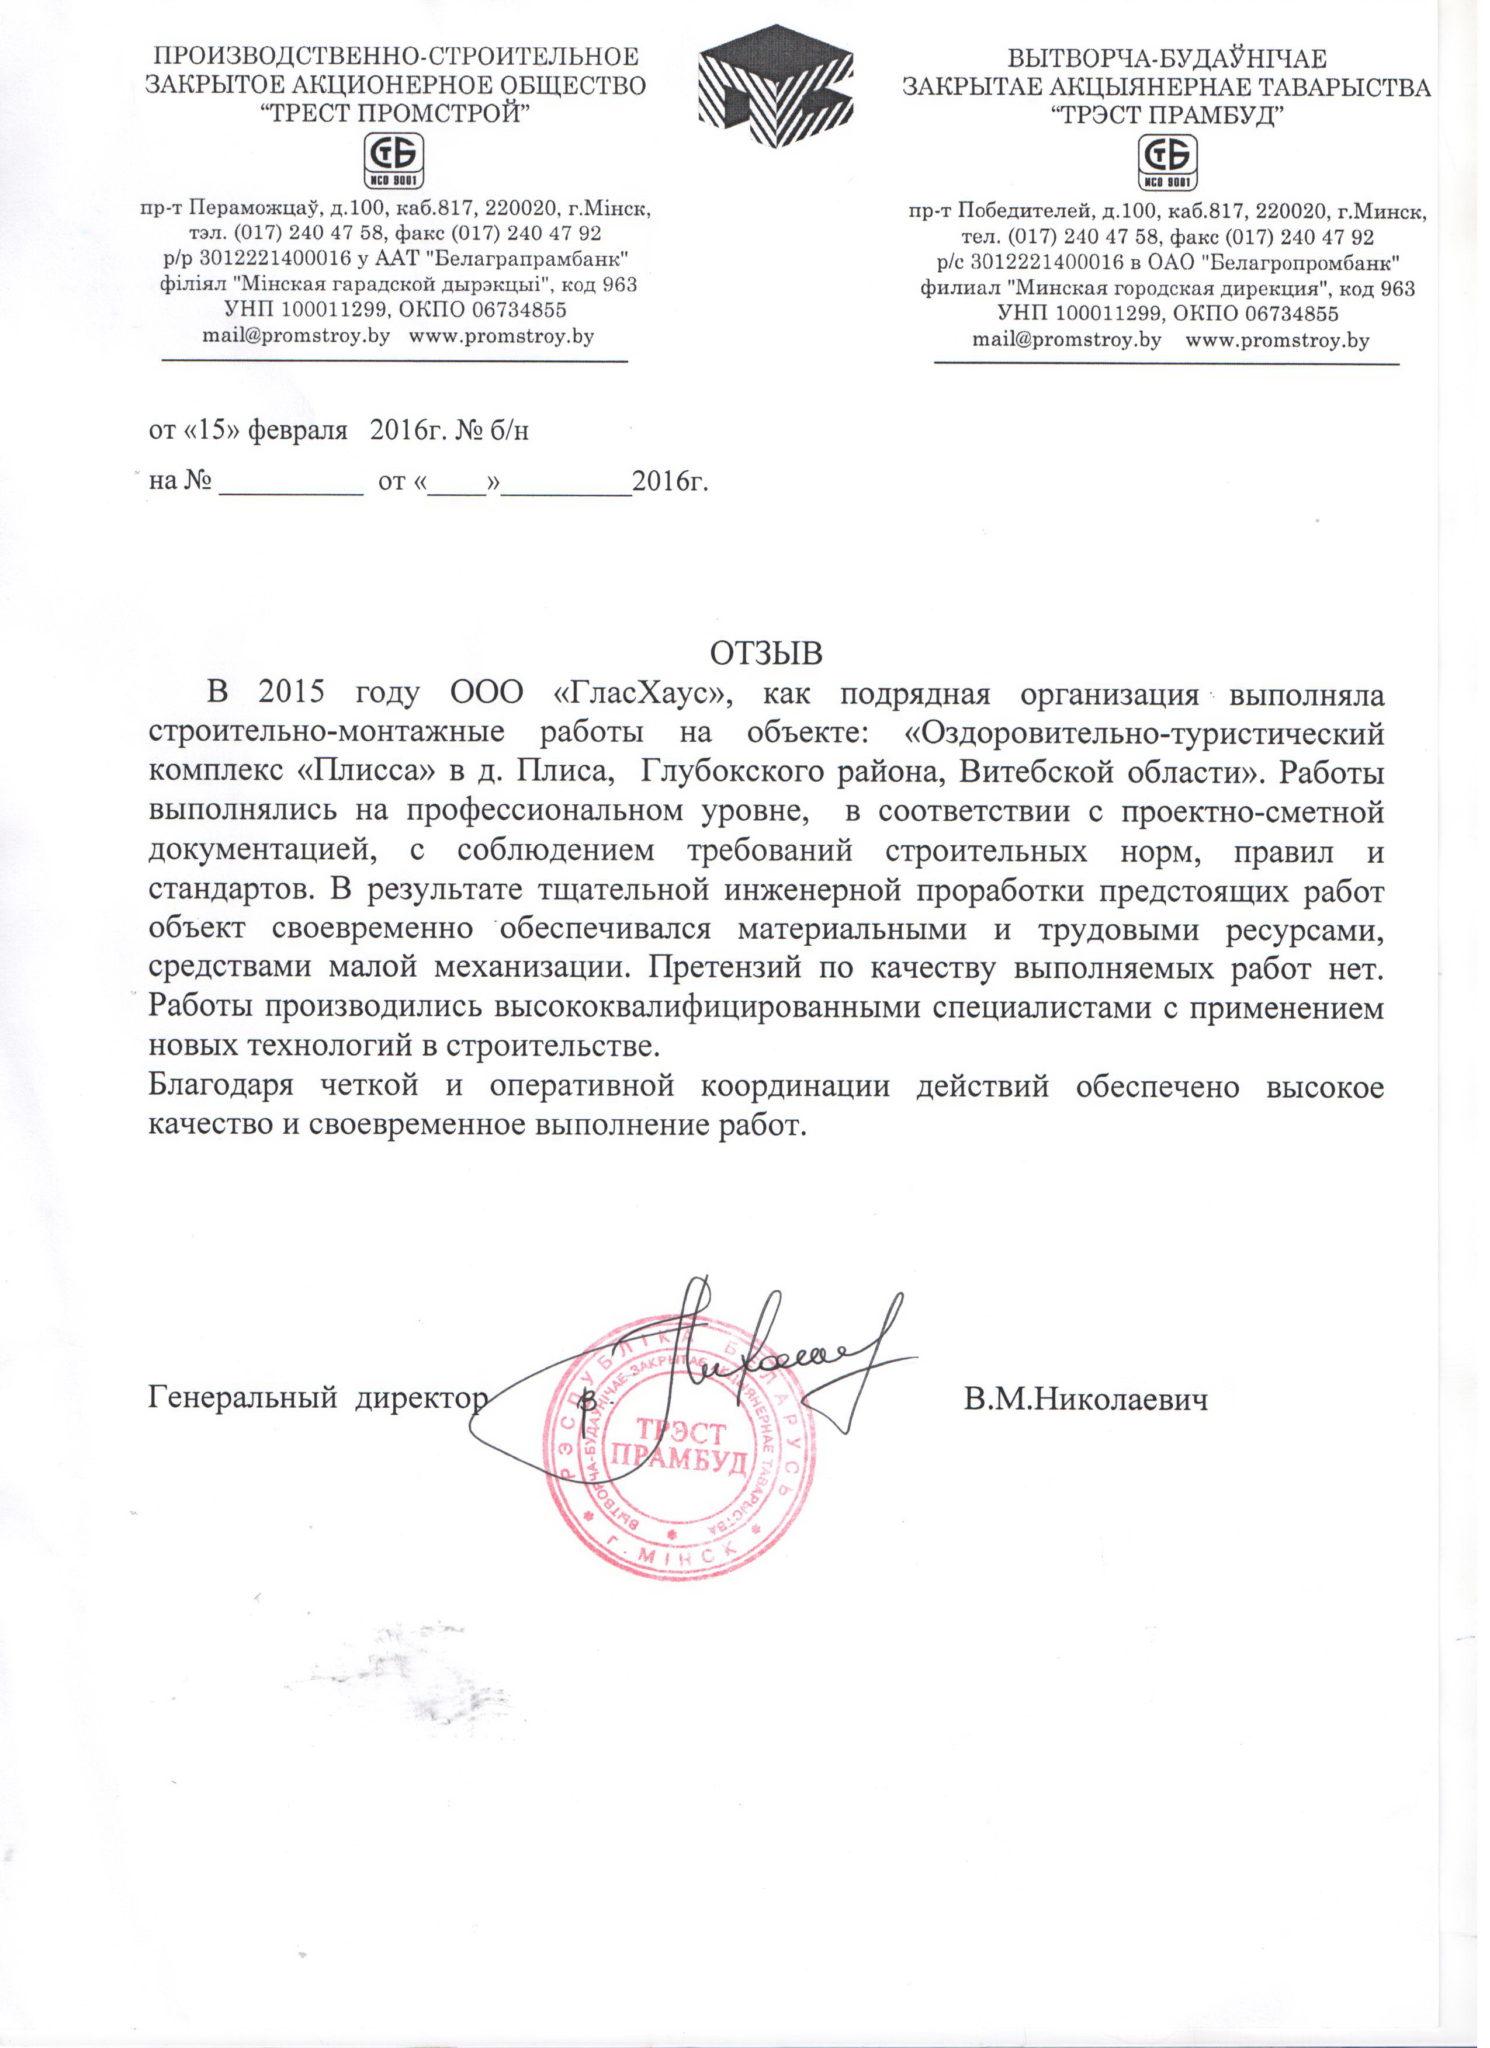 """Отзыв ЗАО """"Трест Промстрой"""""""